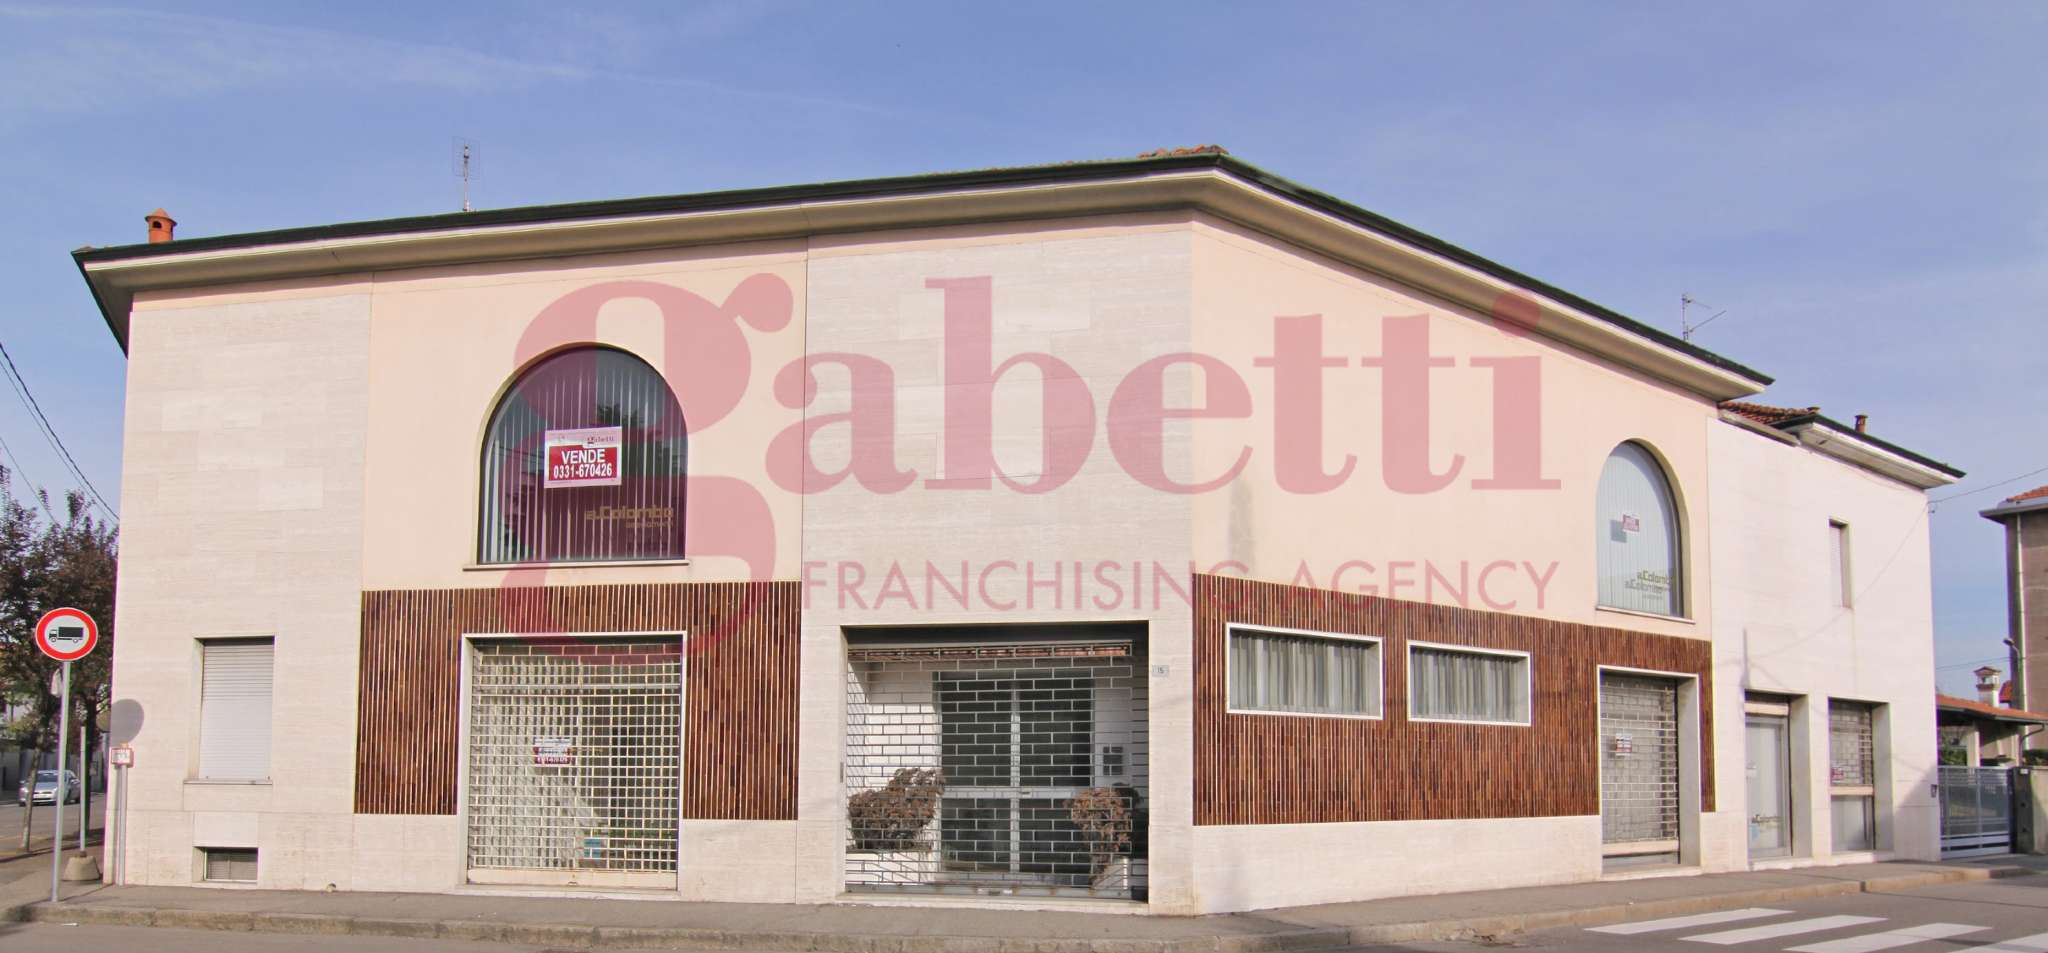 Immobile Commerciale in vendita a Busto Arsizio, 5 locali, prezzo € 700.000 | CambioCasa.it